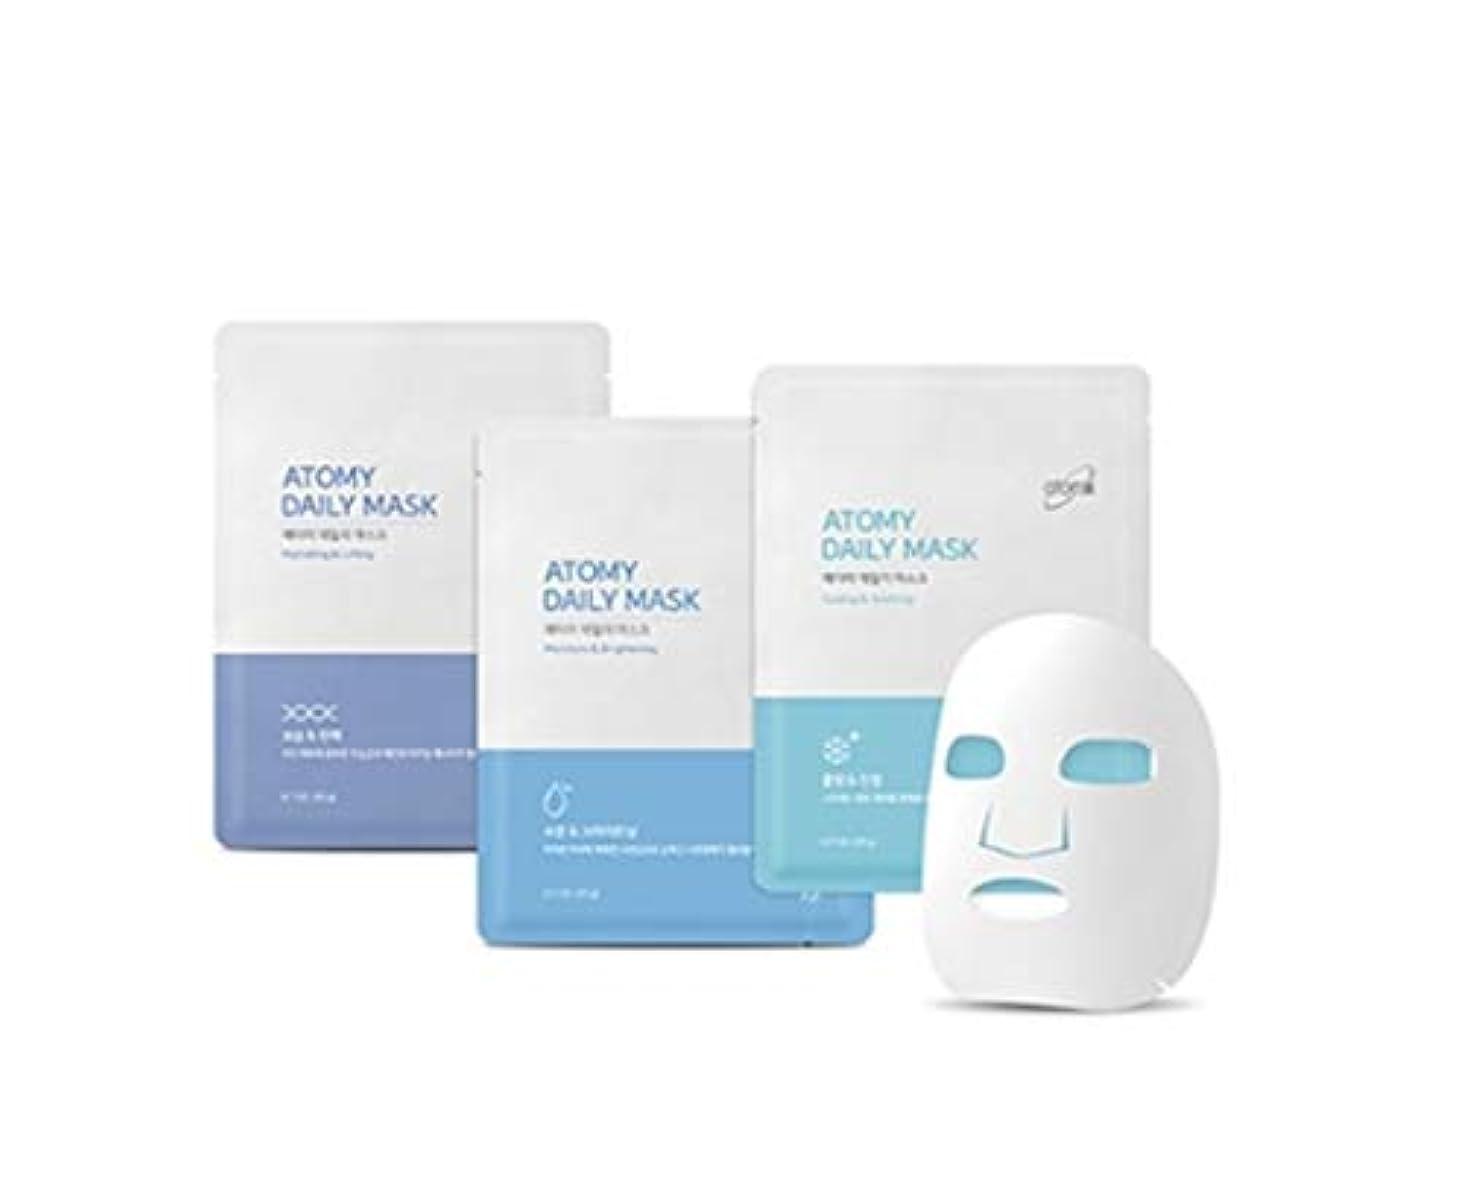 シャーロットブロンテバイオレット会計[NEW] Atomy Daily Mask Sheet 3 Type Combo 30 Pack- Moisture & Brightening,Cooling & Soothing,Moisture & Brightening...